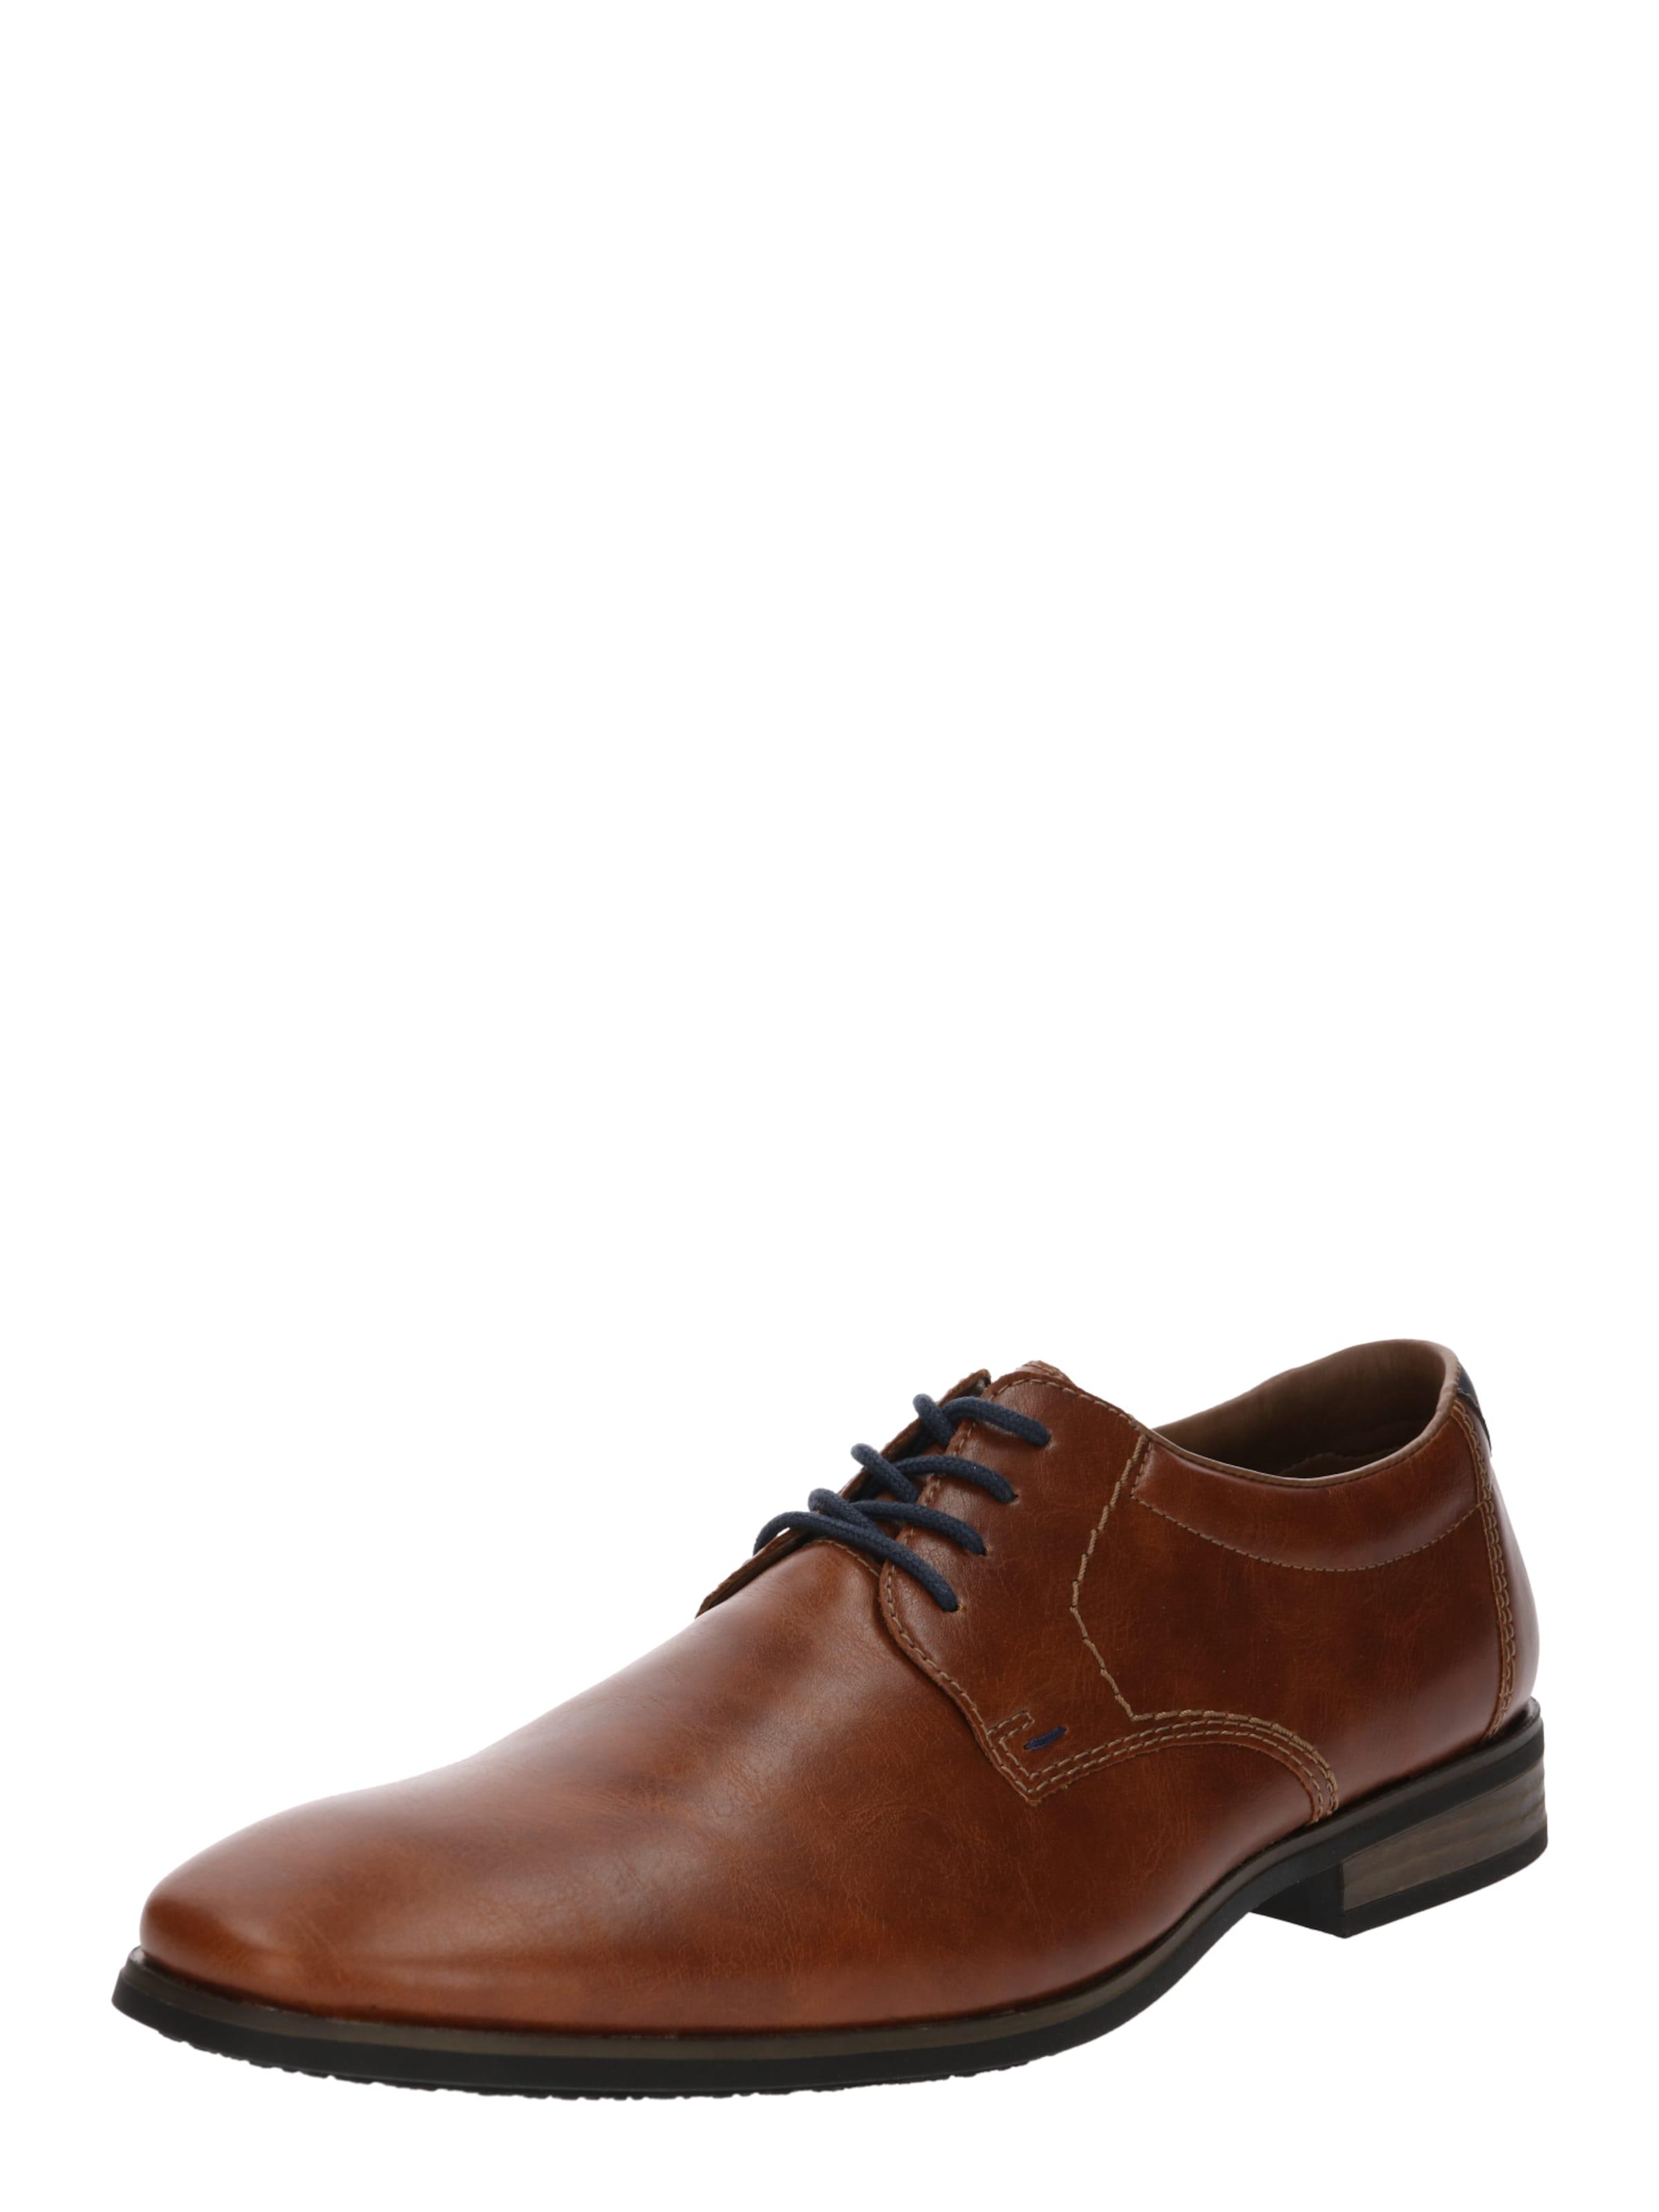 Rouille Lacets À Rieker Chaussure En nvmN8wOPy0